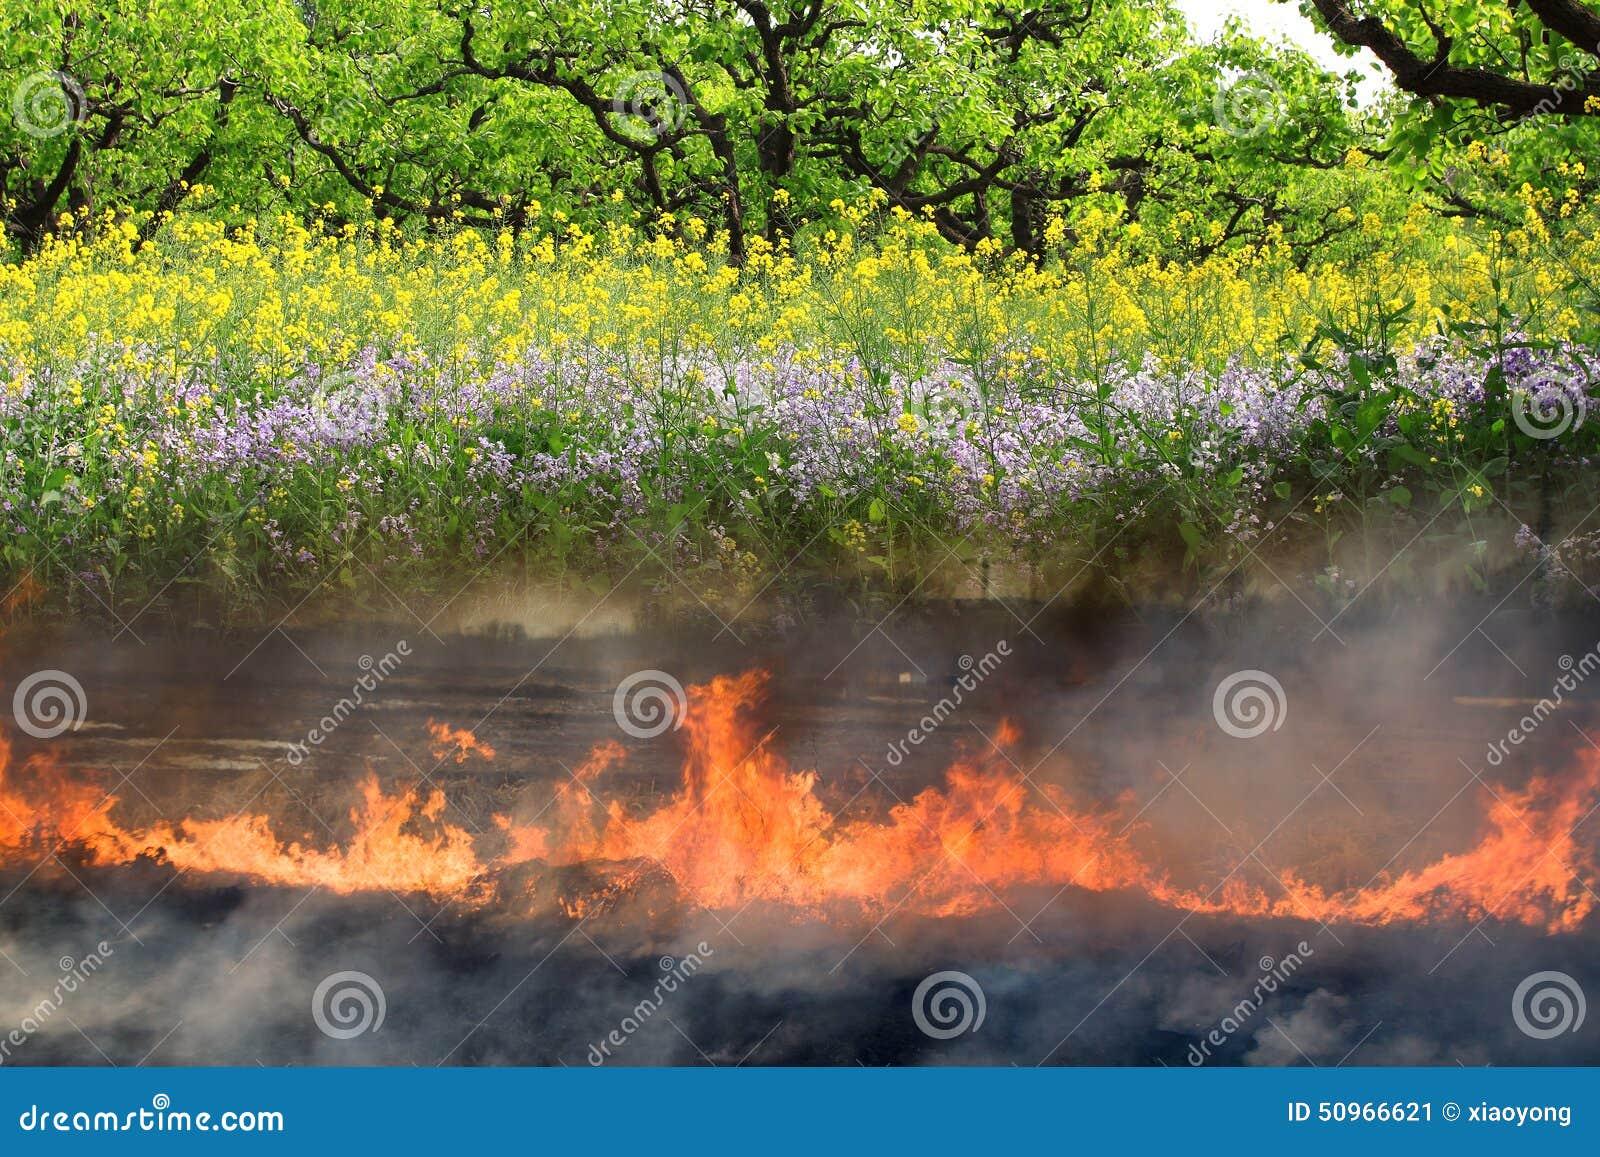 在冬天烧的农田在春天生长苍劲的菜花